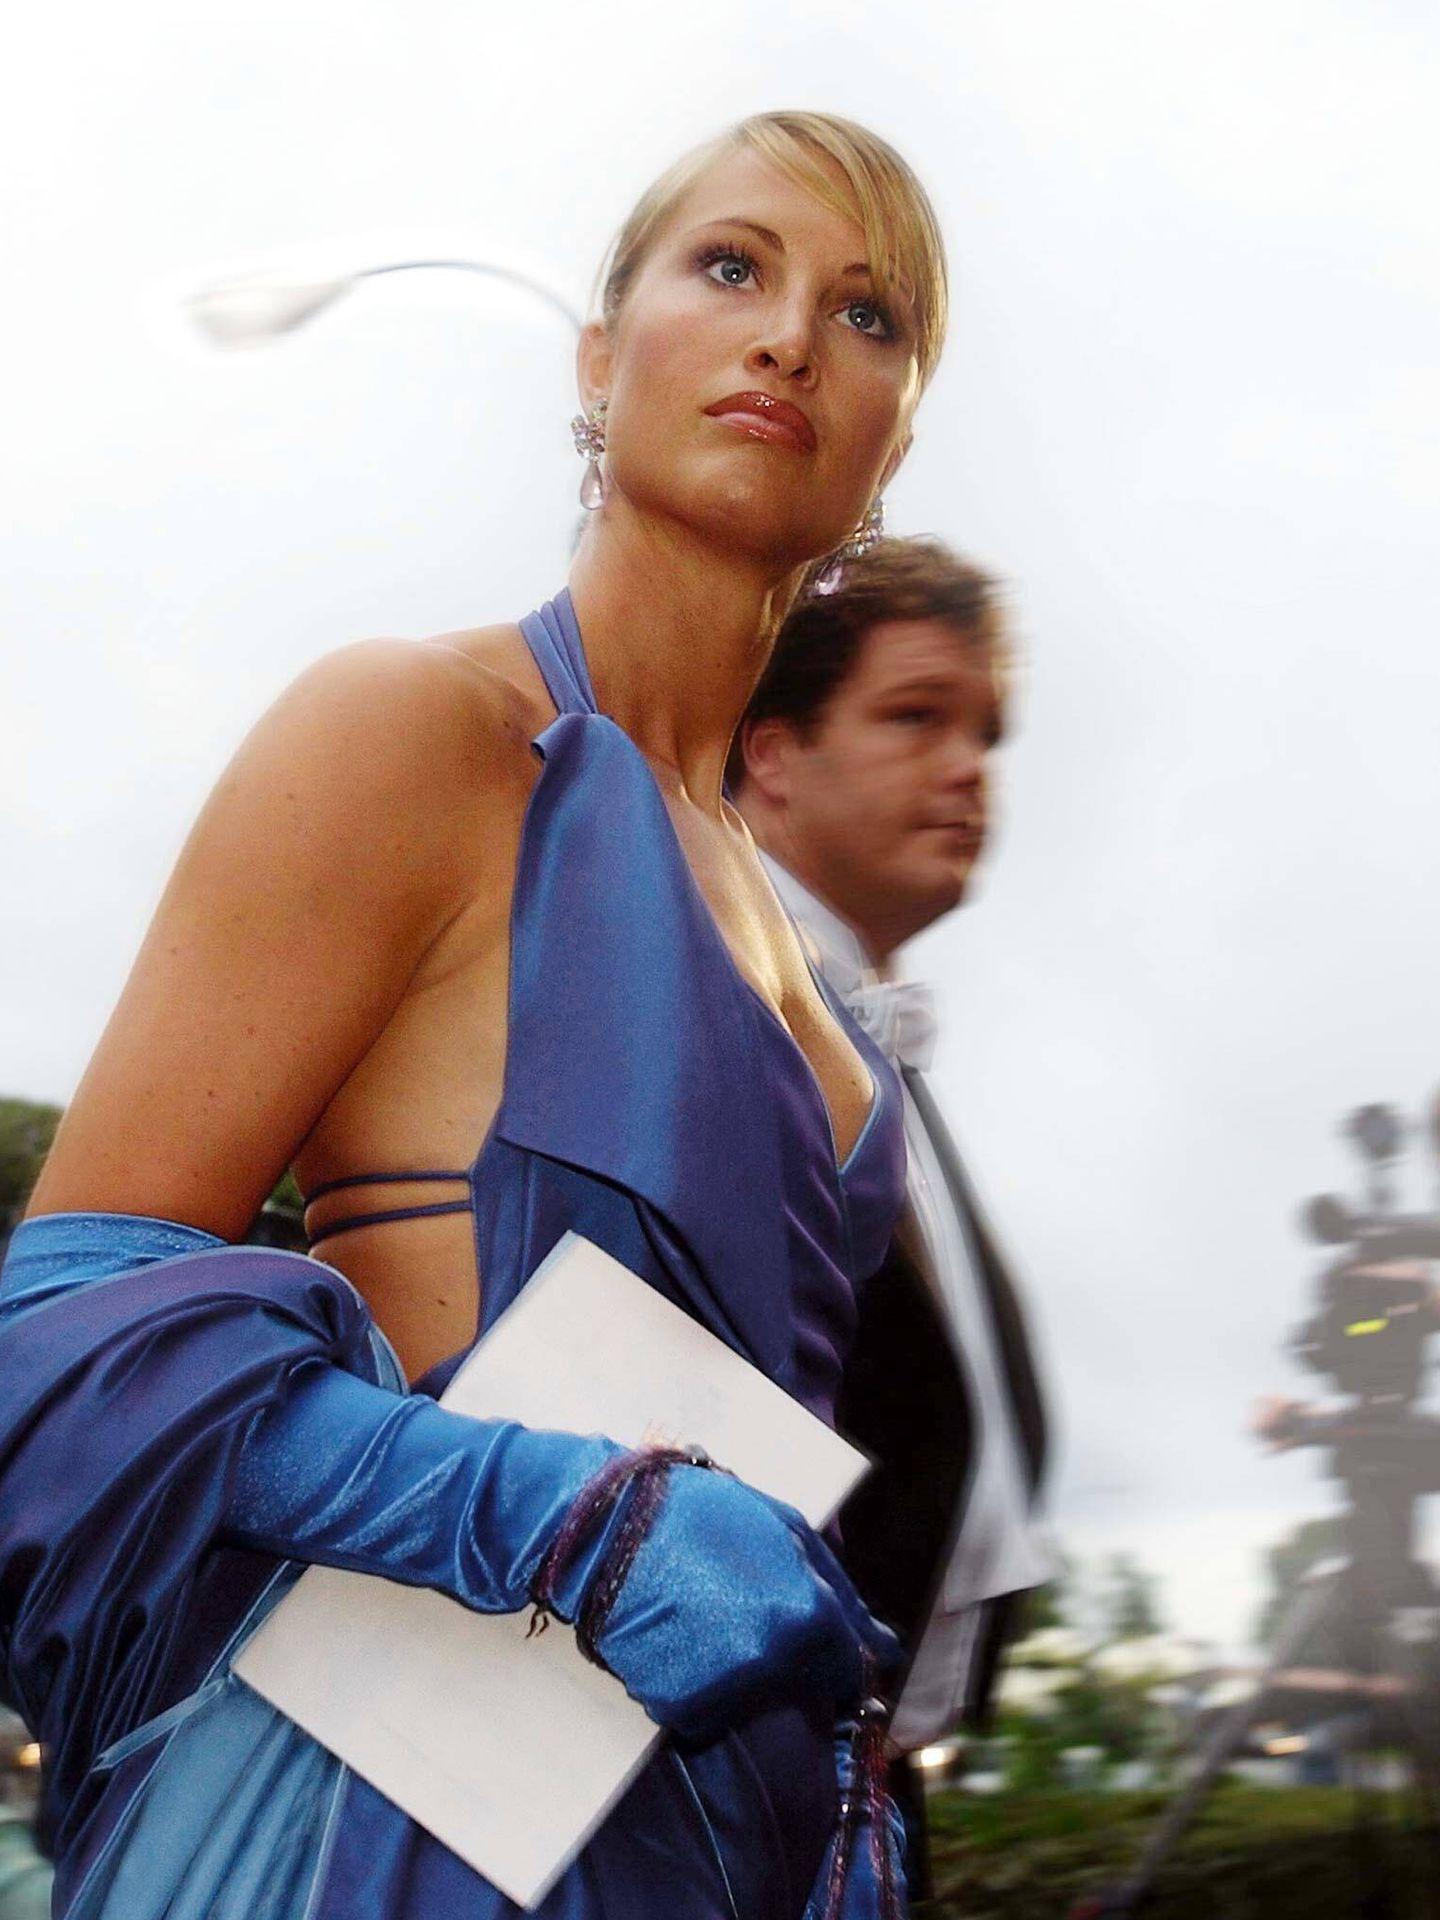 Eva Sannum, en la boda de Mette-Marit. (Getty)